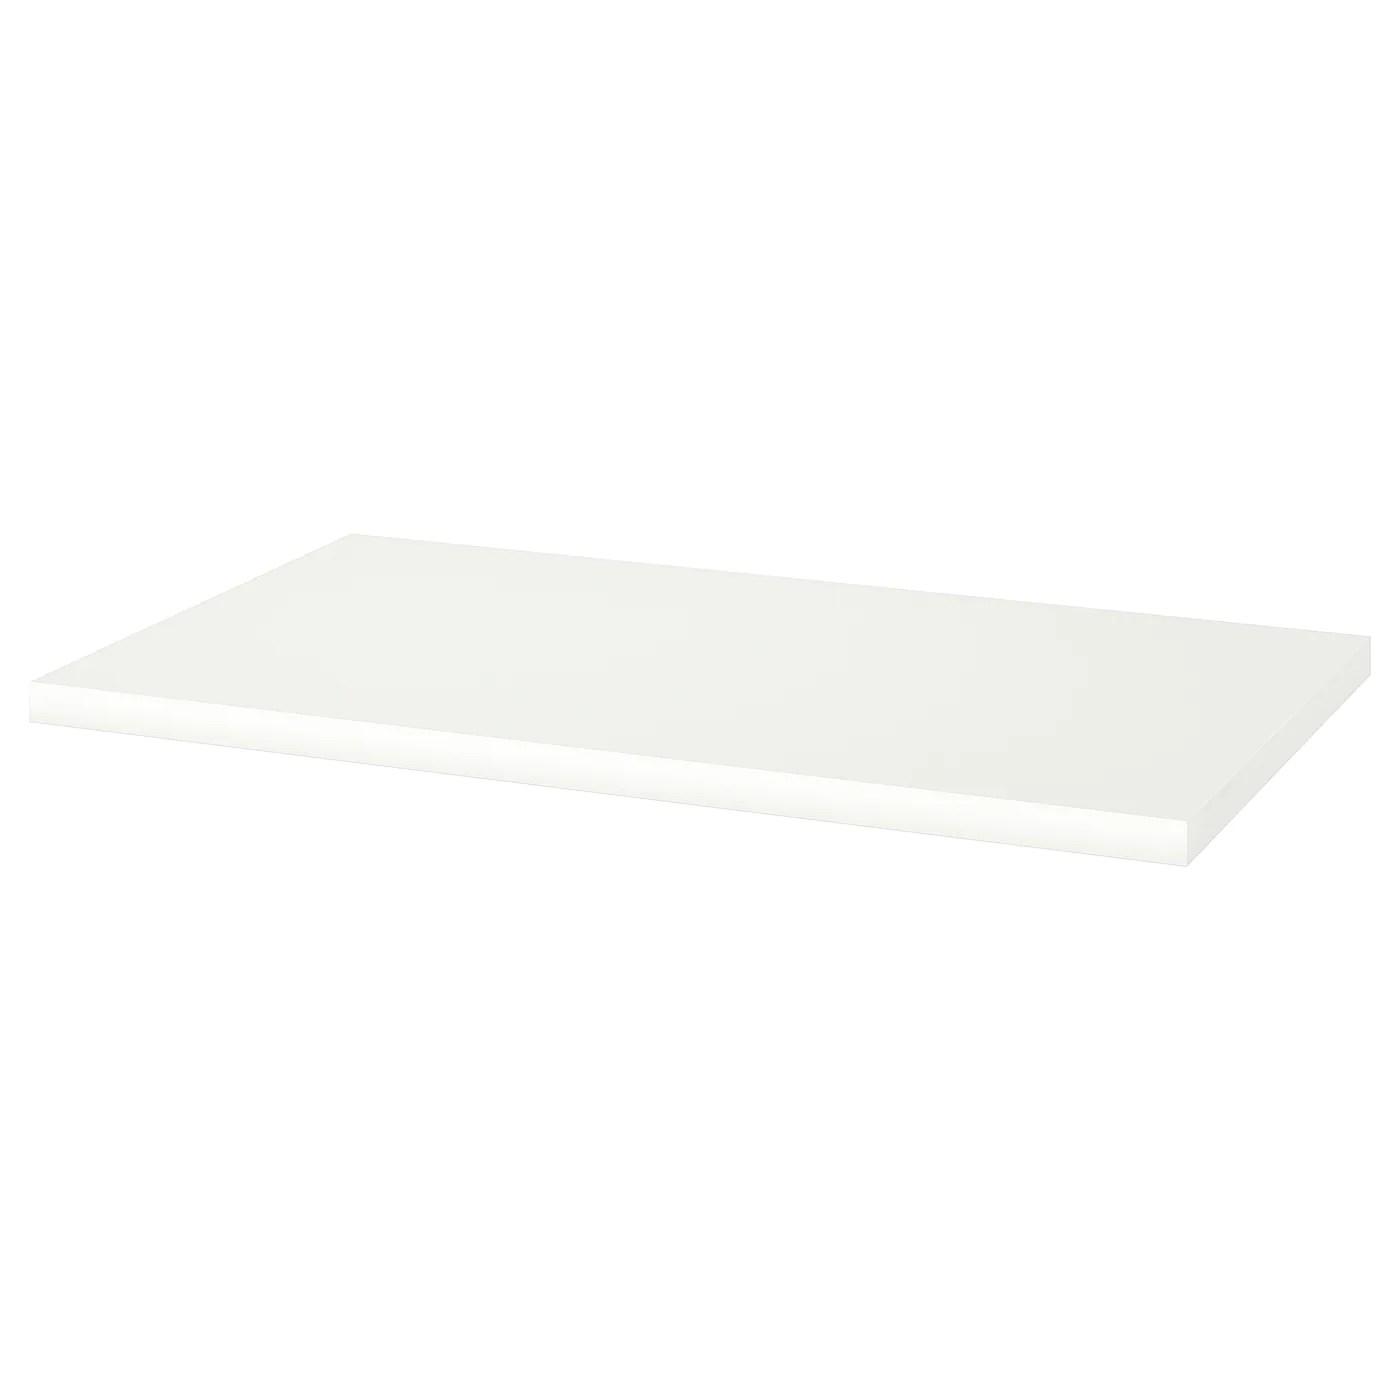 Linnmon Tabletop White 39 3 8x23 5 8 Ikea